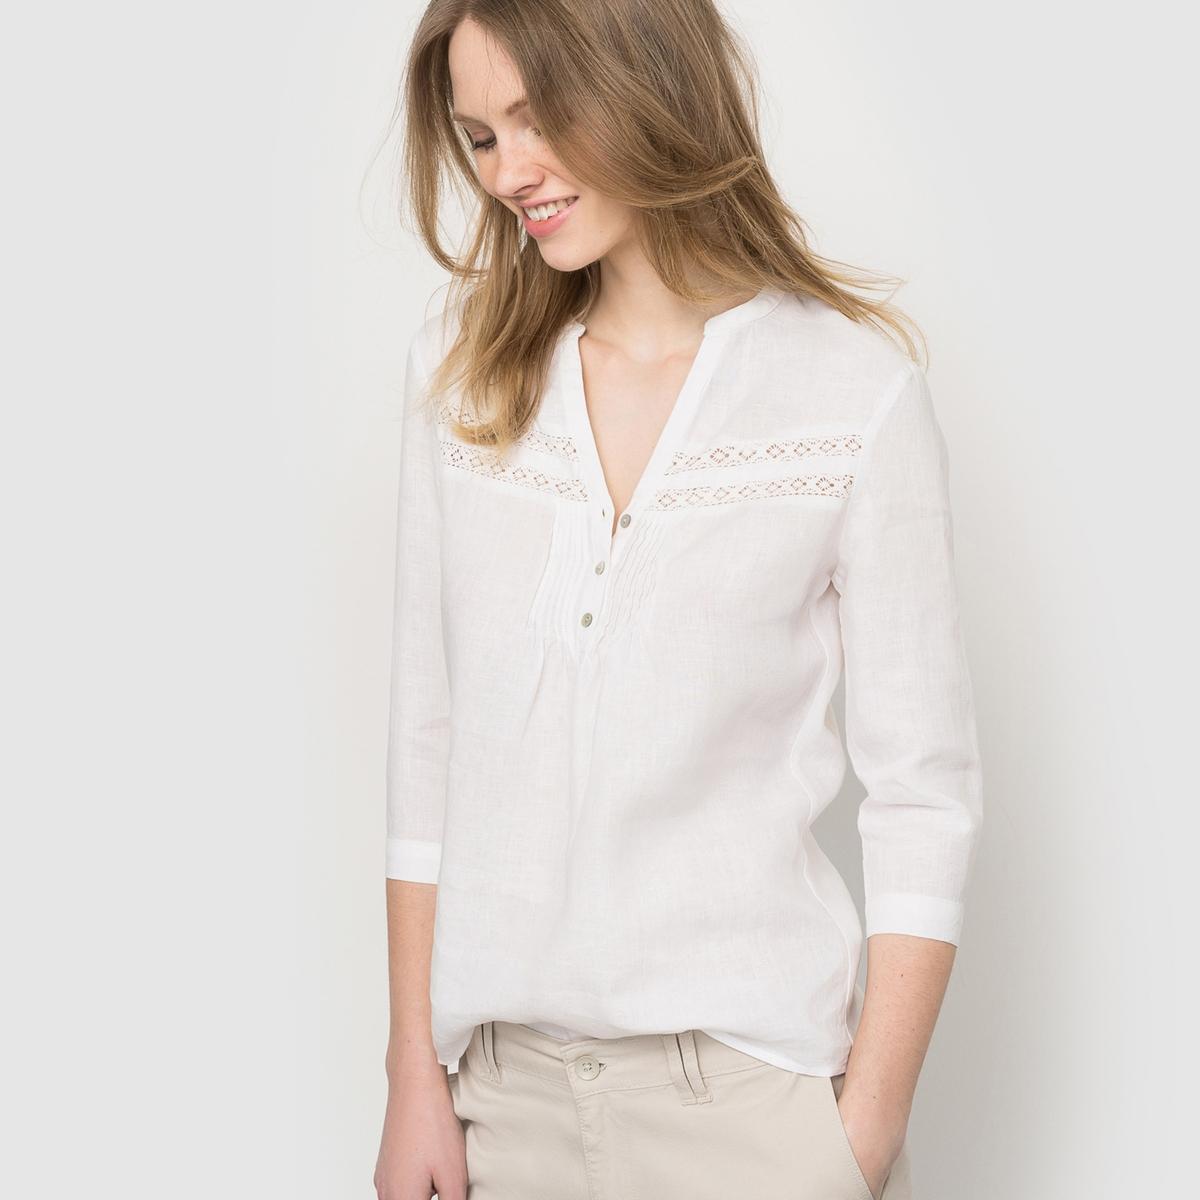 Блузка из хлопка и льна - R essentielСостав и описание:  Материал: хлопок и лен.  Марка: R essentiel.<br><br>Цвет: белый